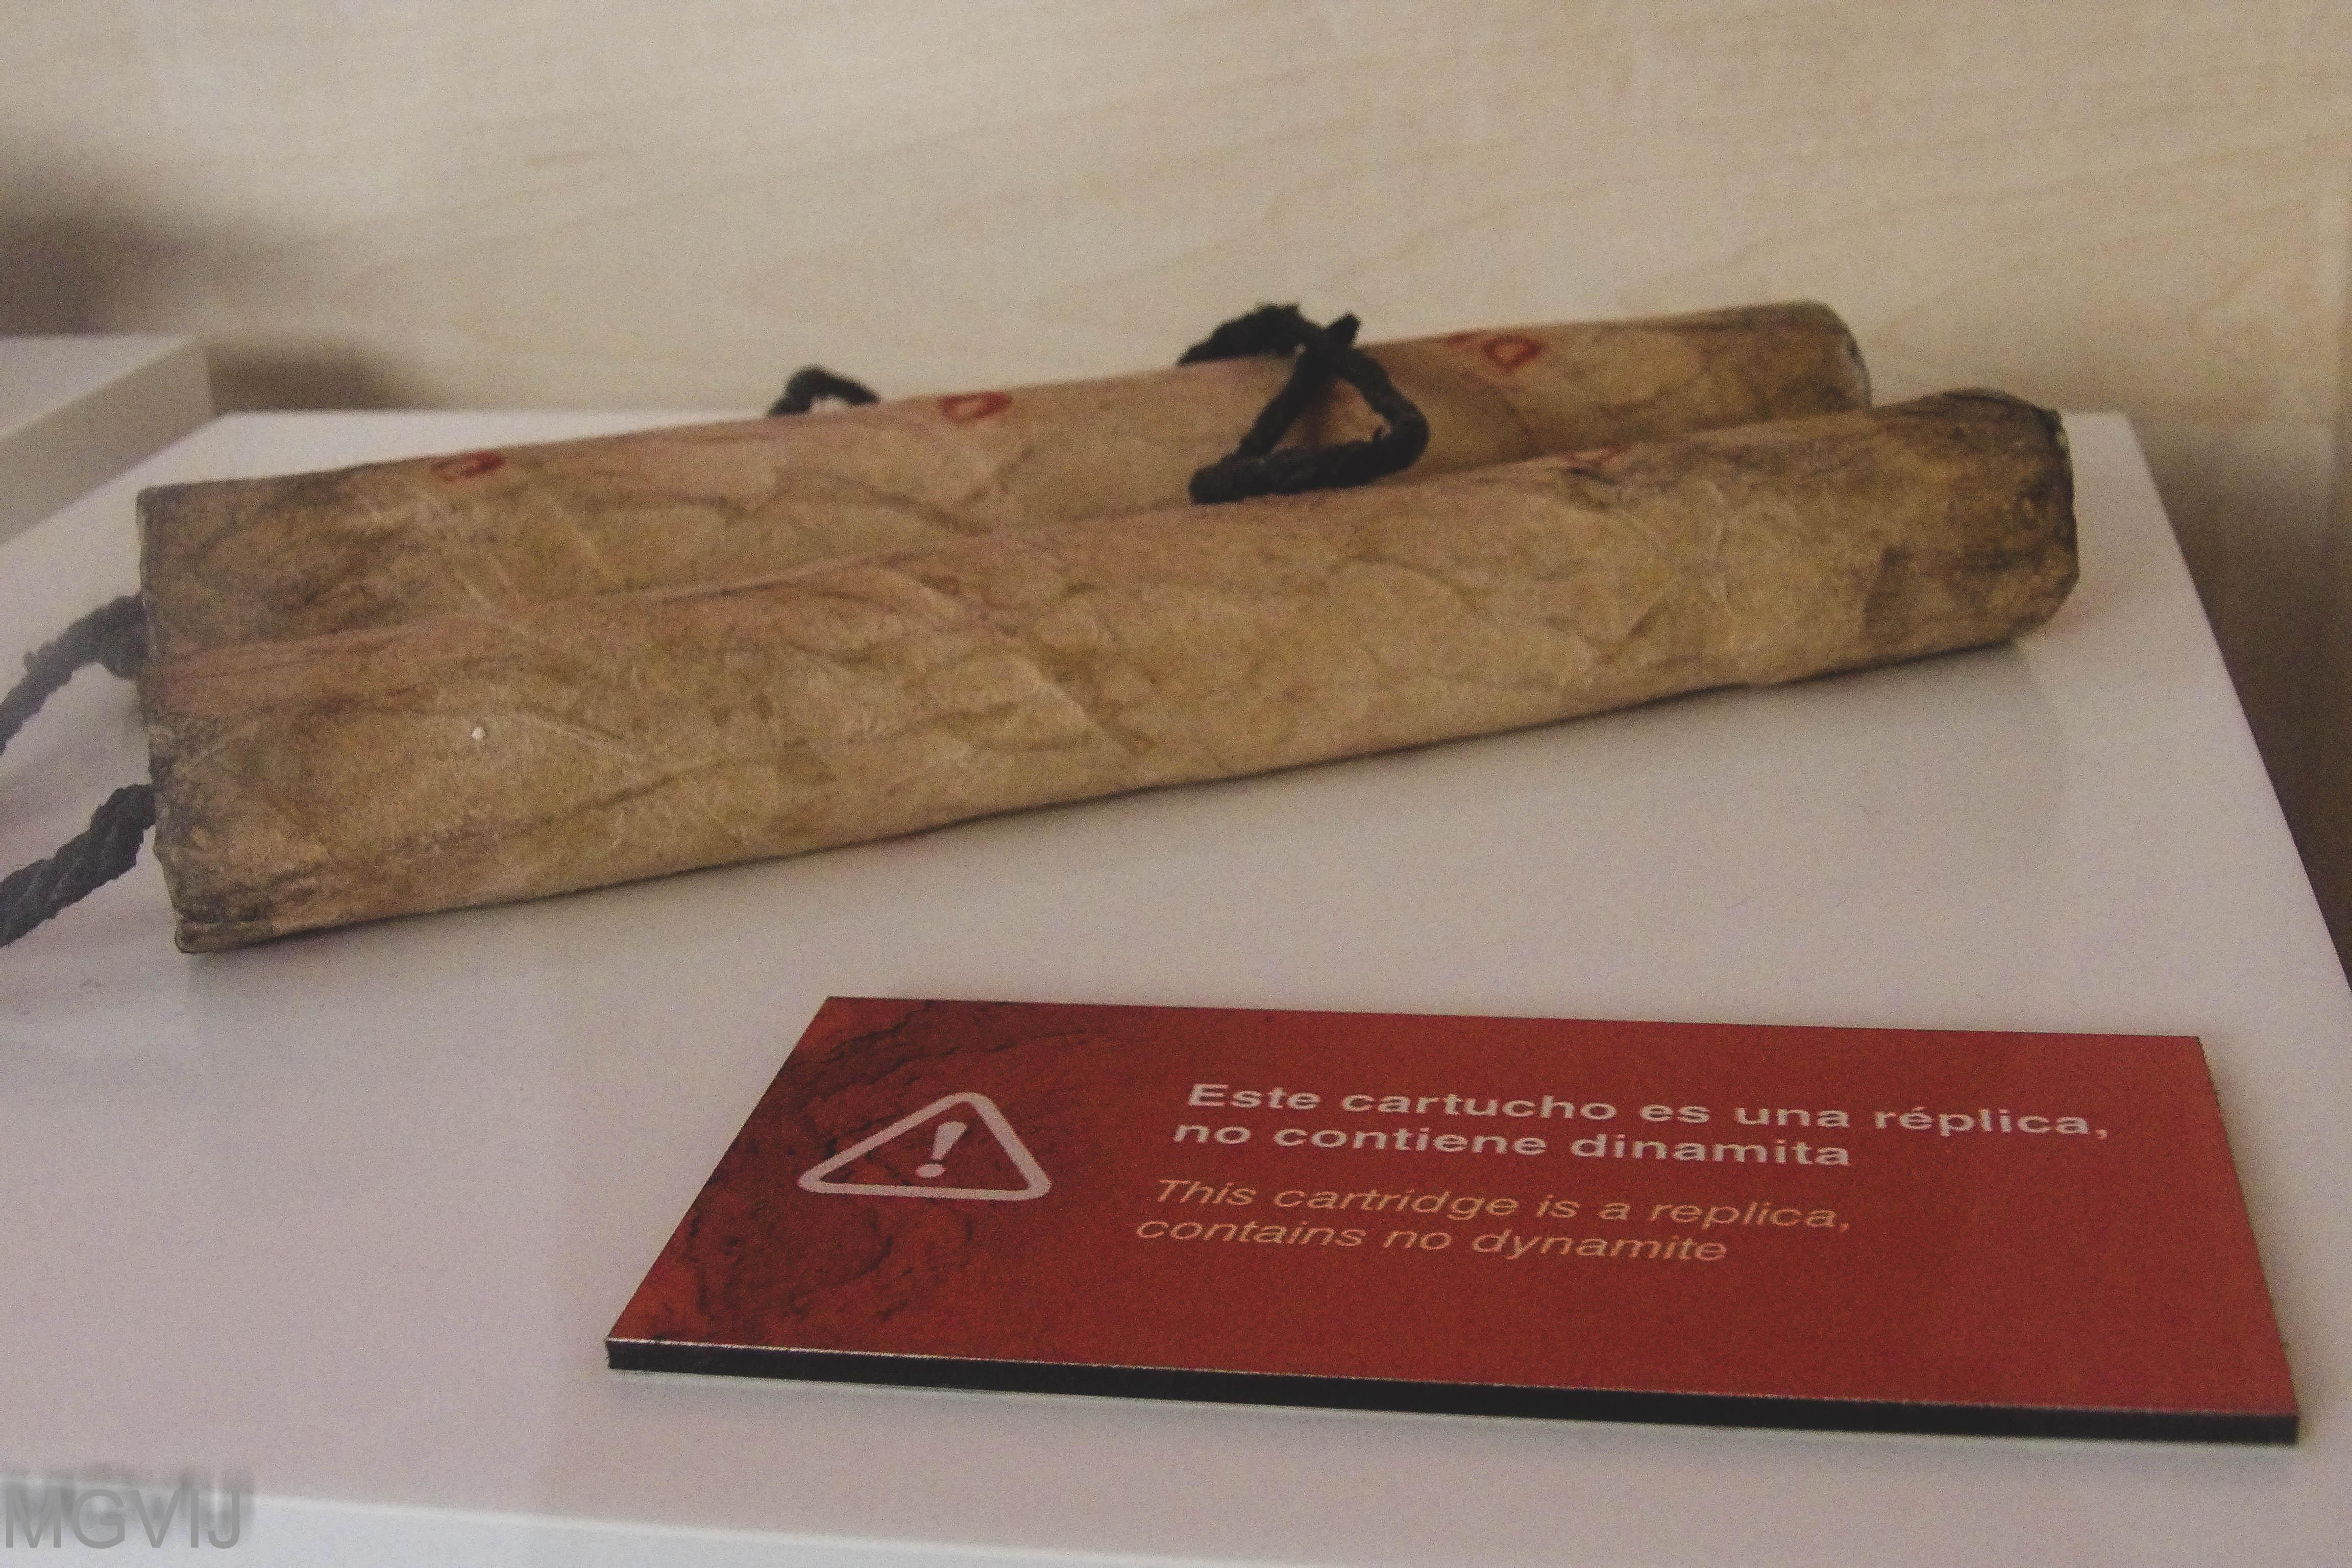 Dinamita expuesta en el centro de interpretación de Los hornos de la cal de La Calera